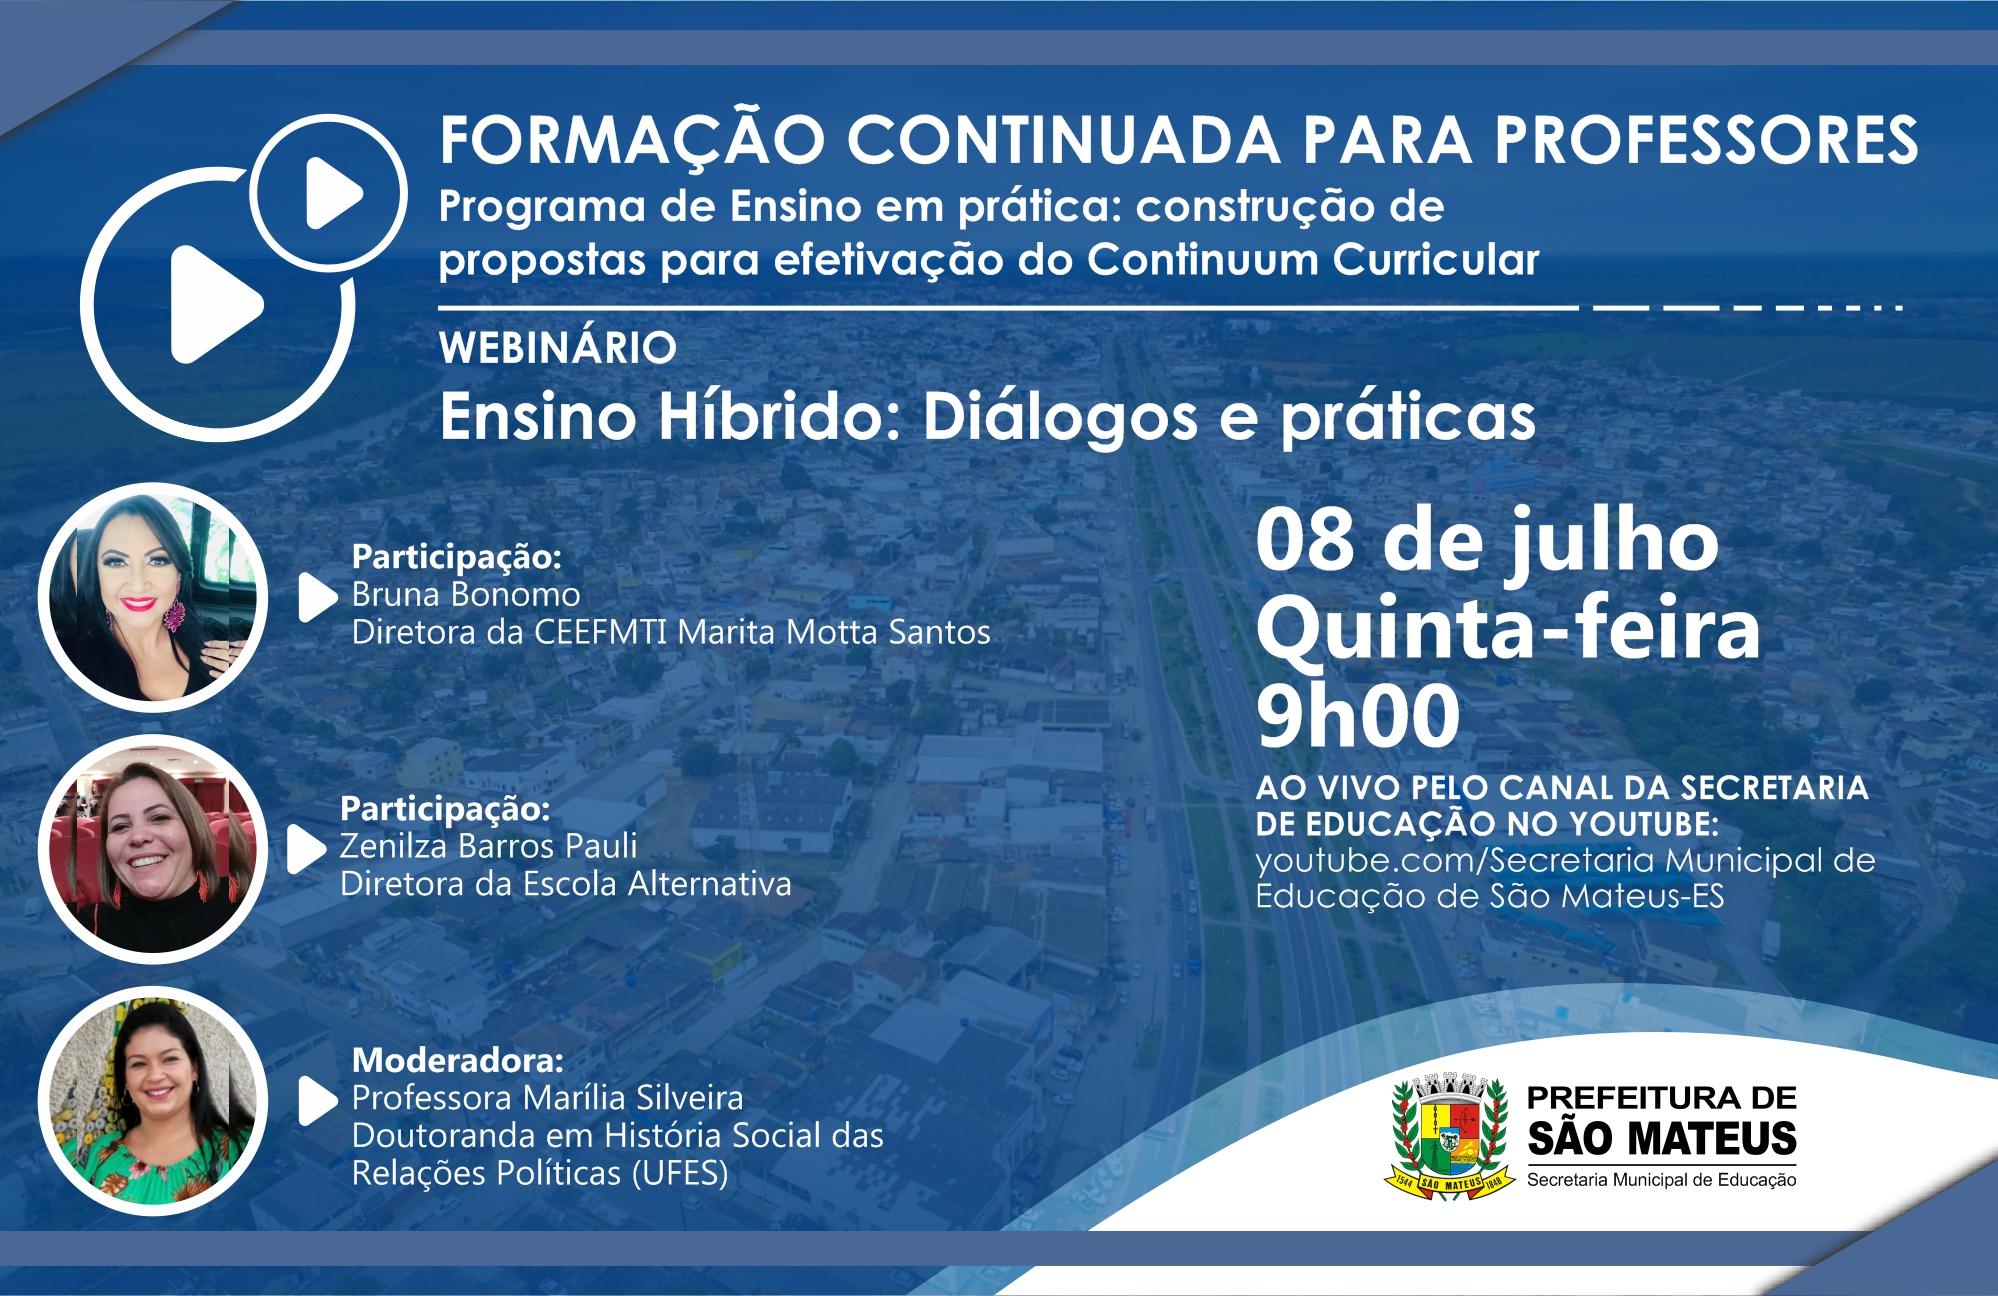 EDUCAÇÃO PROMOVE WEBINÁRIO SOBRE ENSINO HÍBRIDO NESTA QUINTA-FEIRA